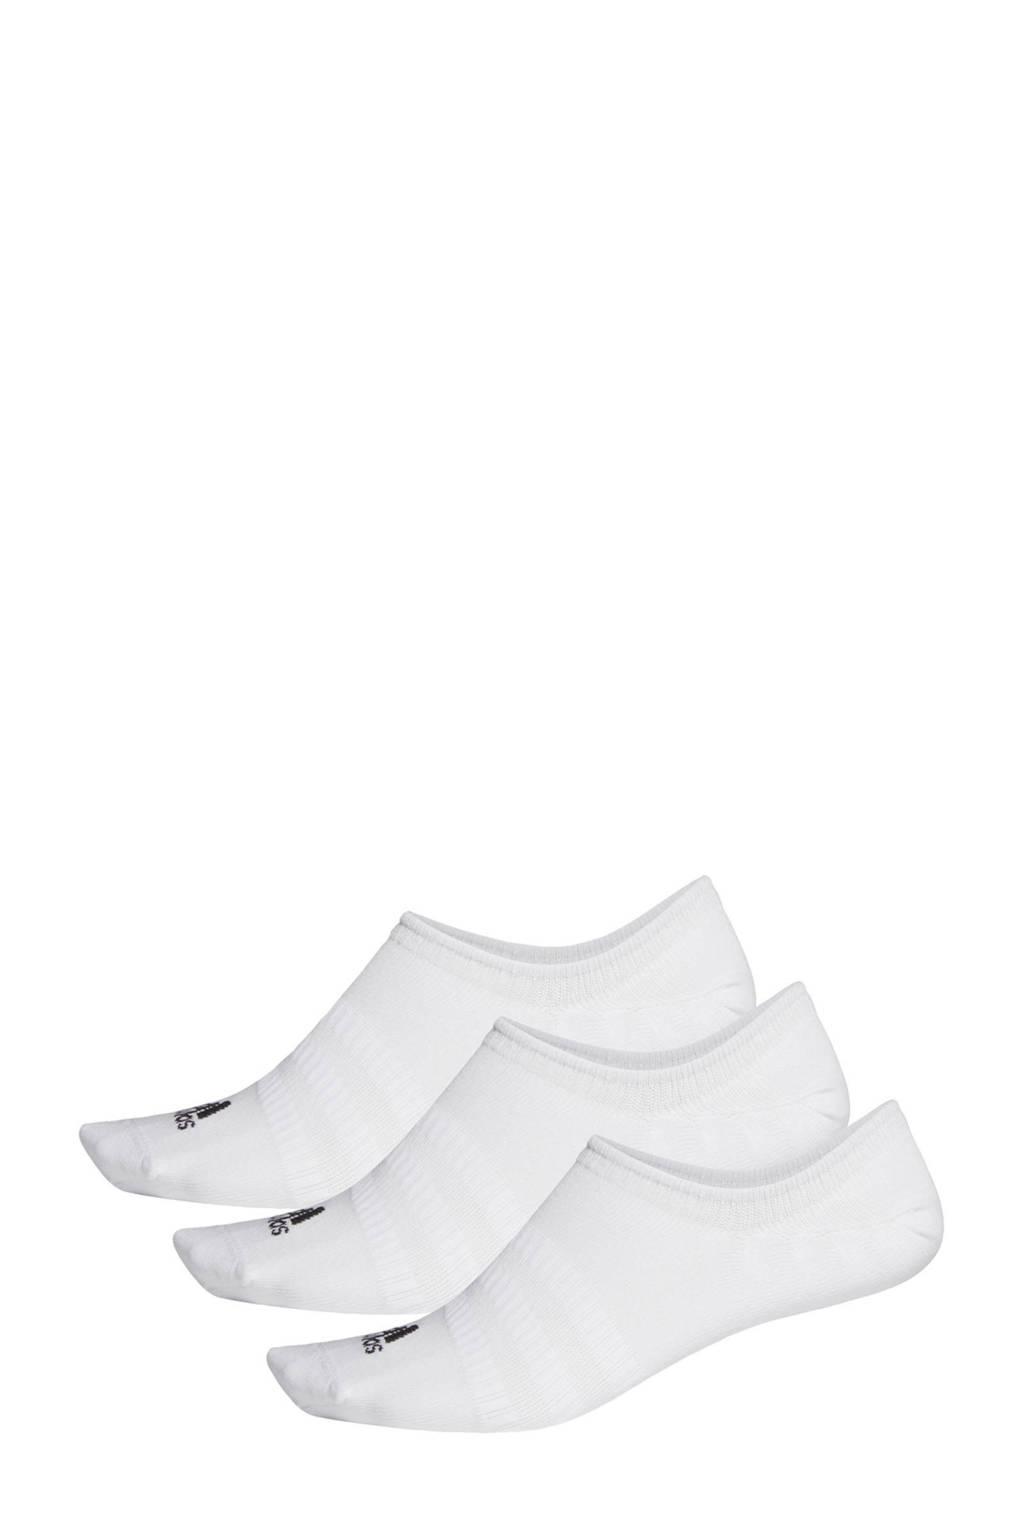 adidas Performance sneakersokken (set van 3) wit, Wit